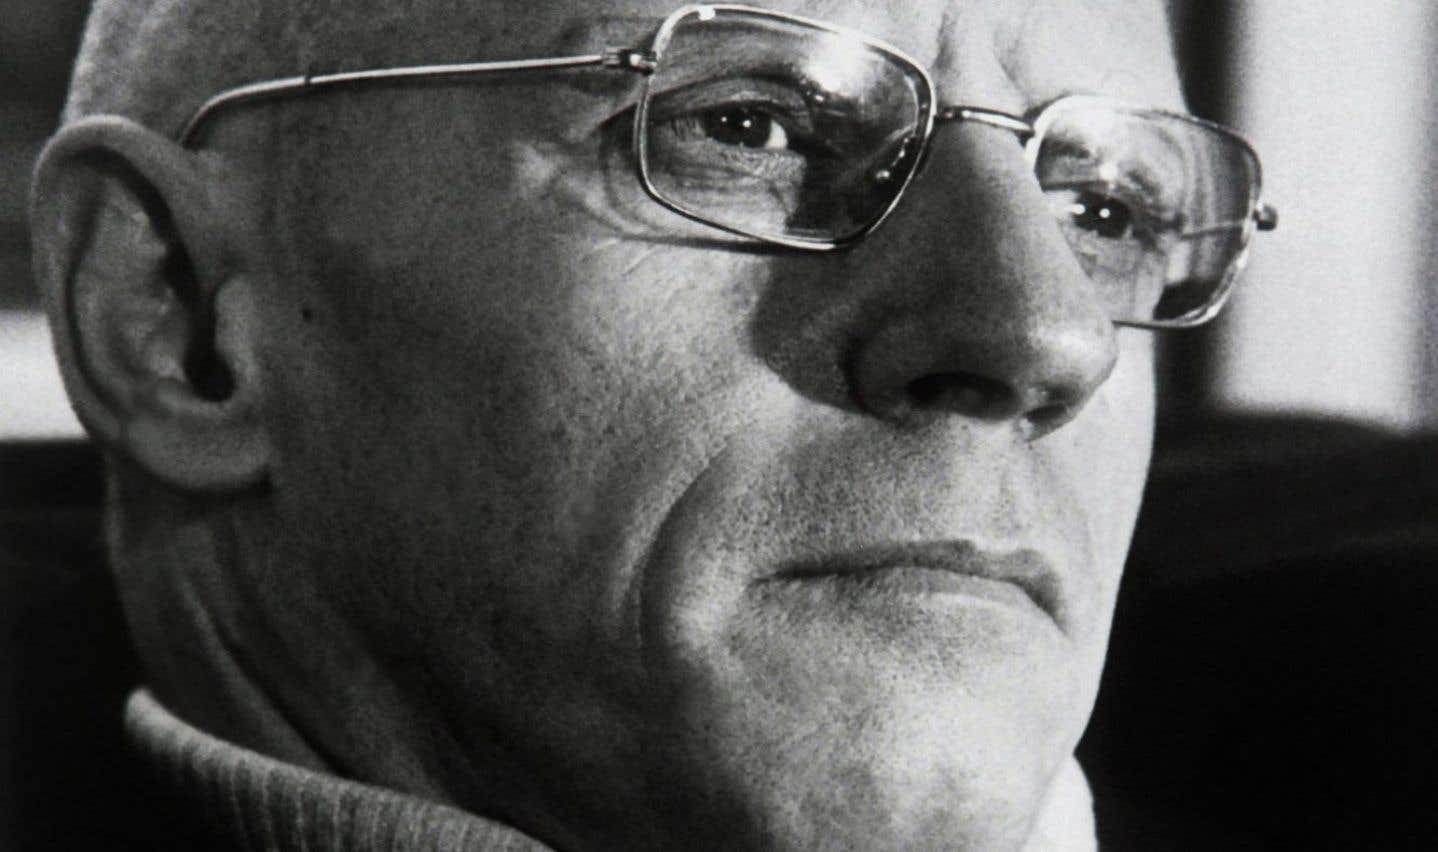 Le philisophe français Michel Foucault, en 1982